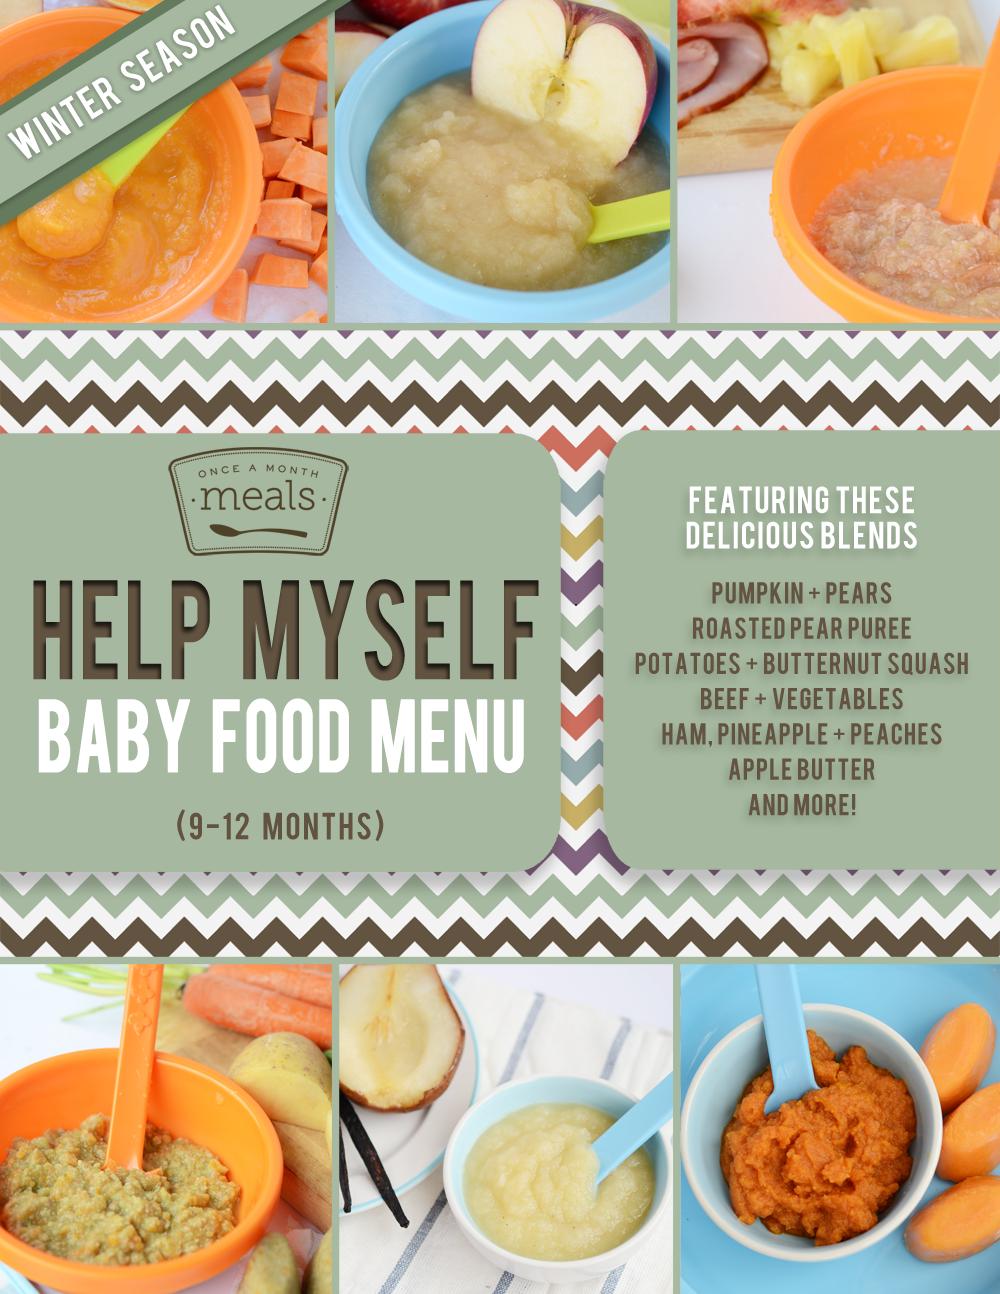 Help Myself Winter Baby Food Menu - 9 to 12 months